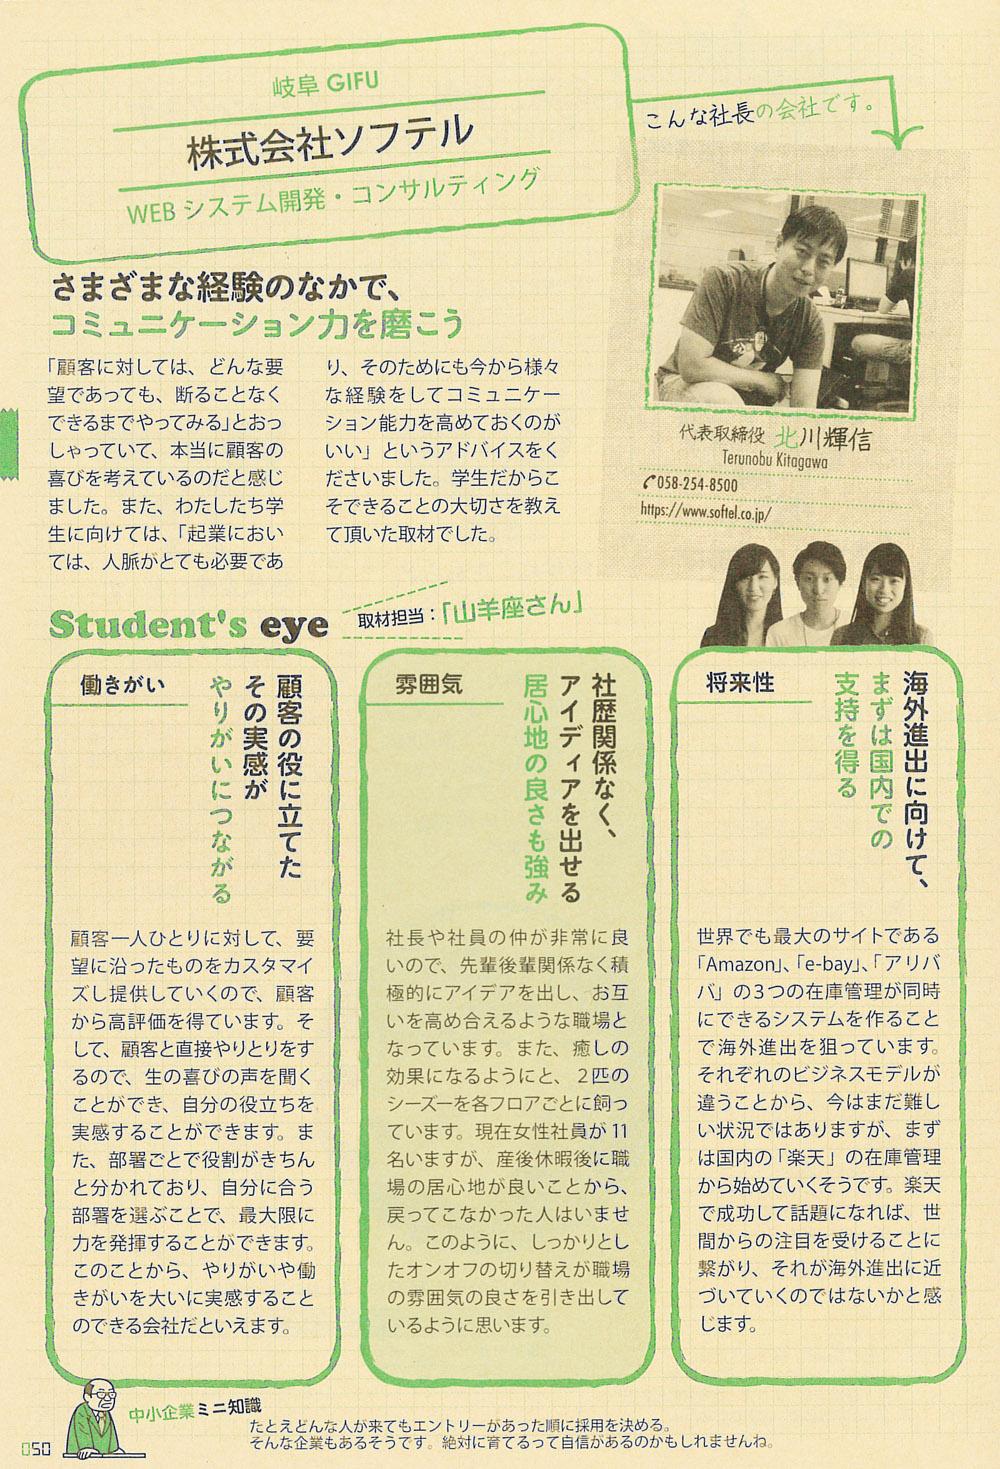 Gifu Migiude Book 中身1